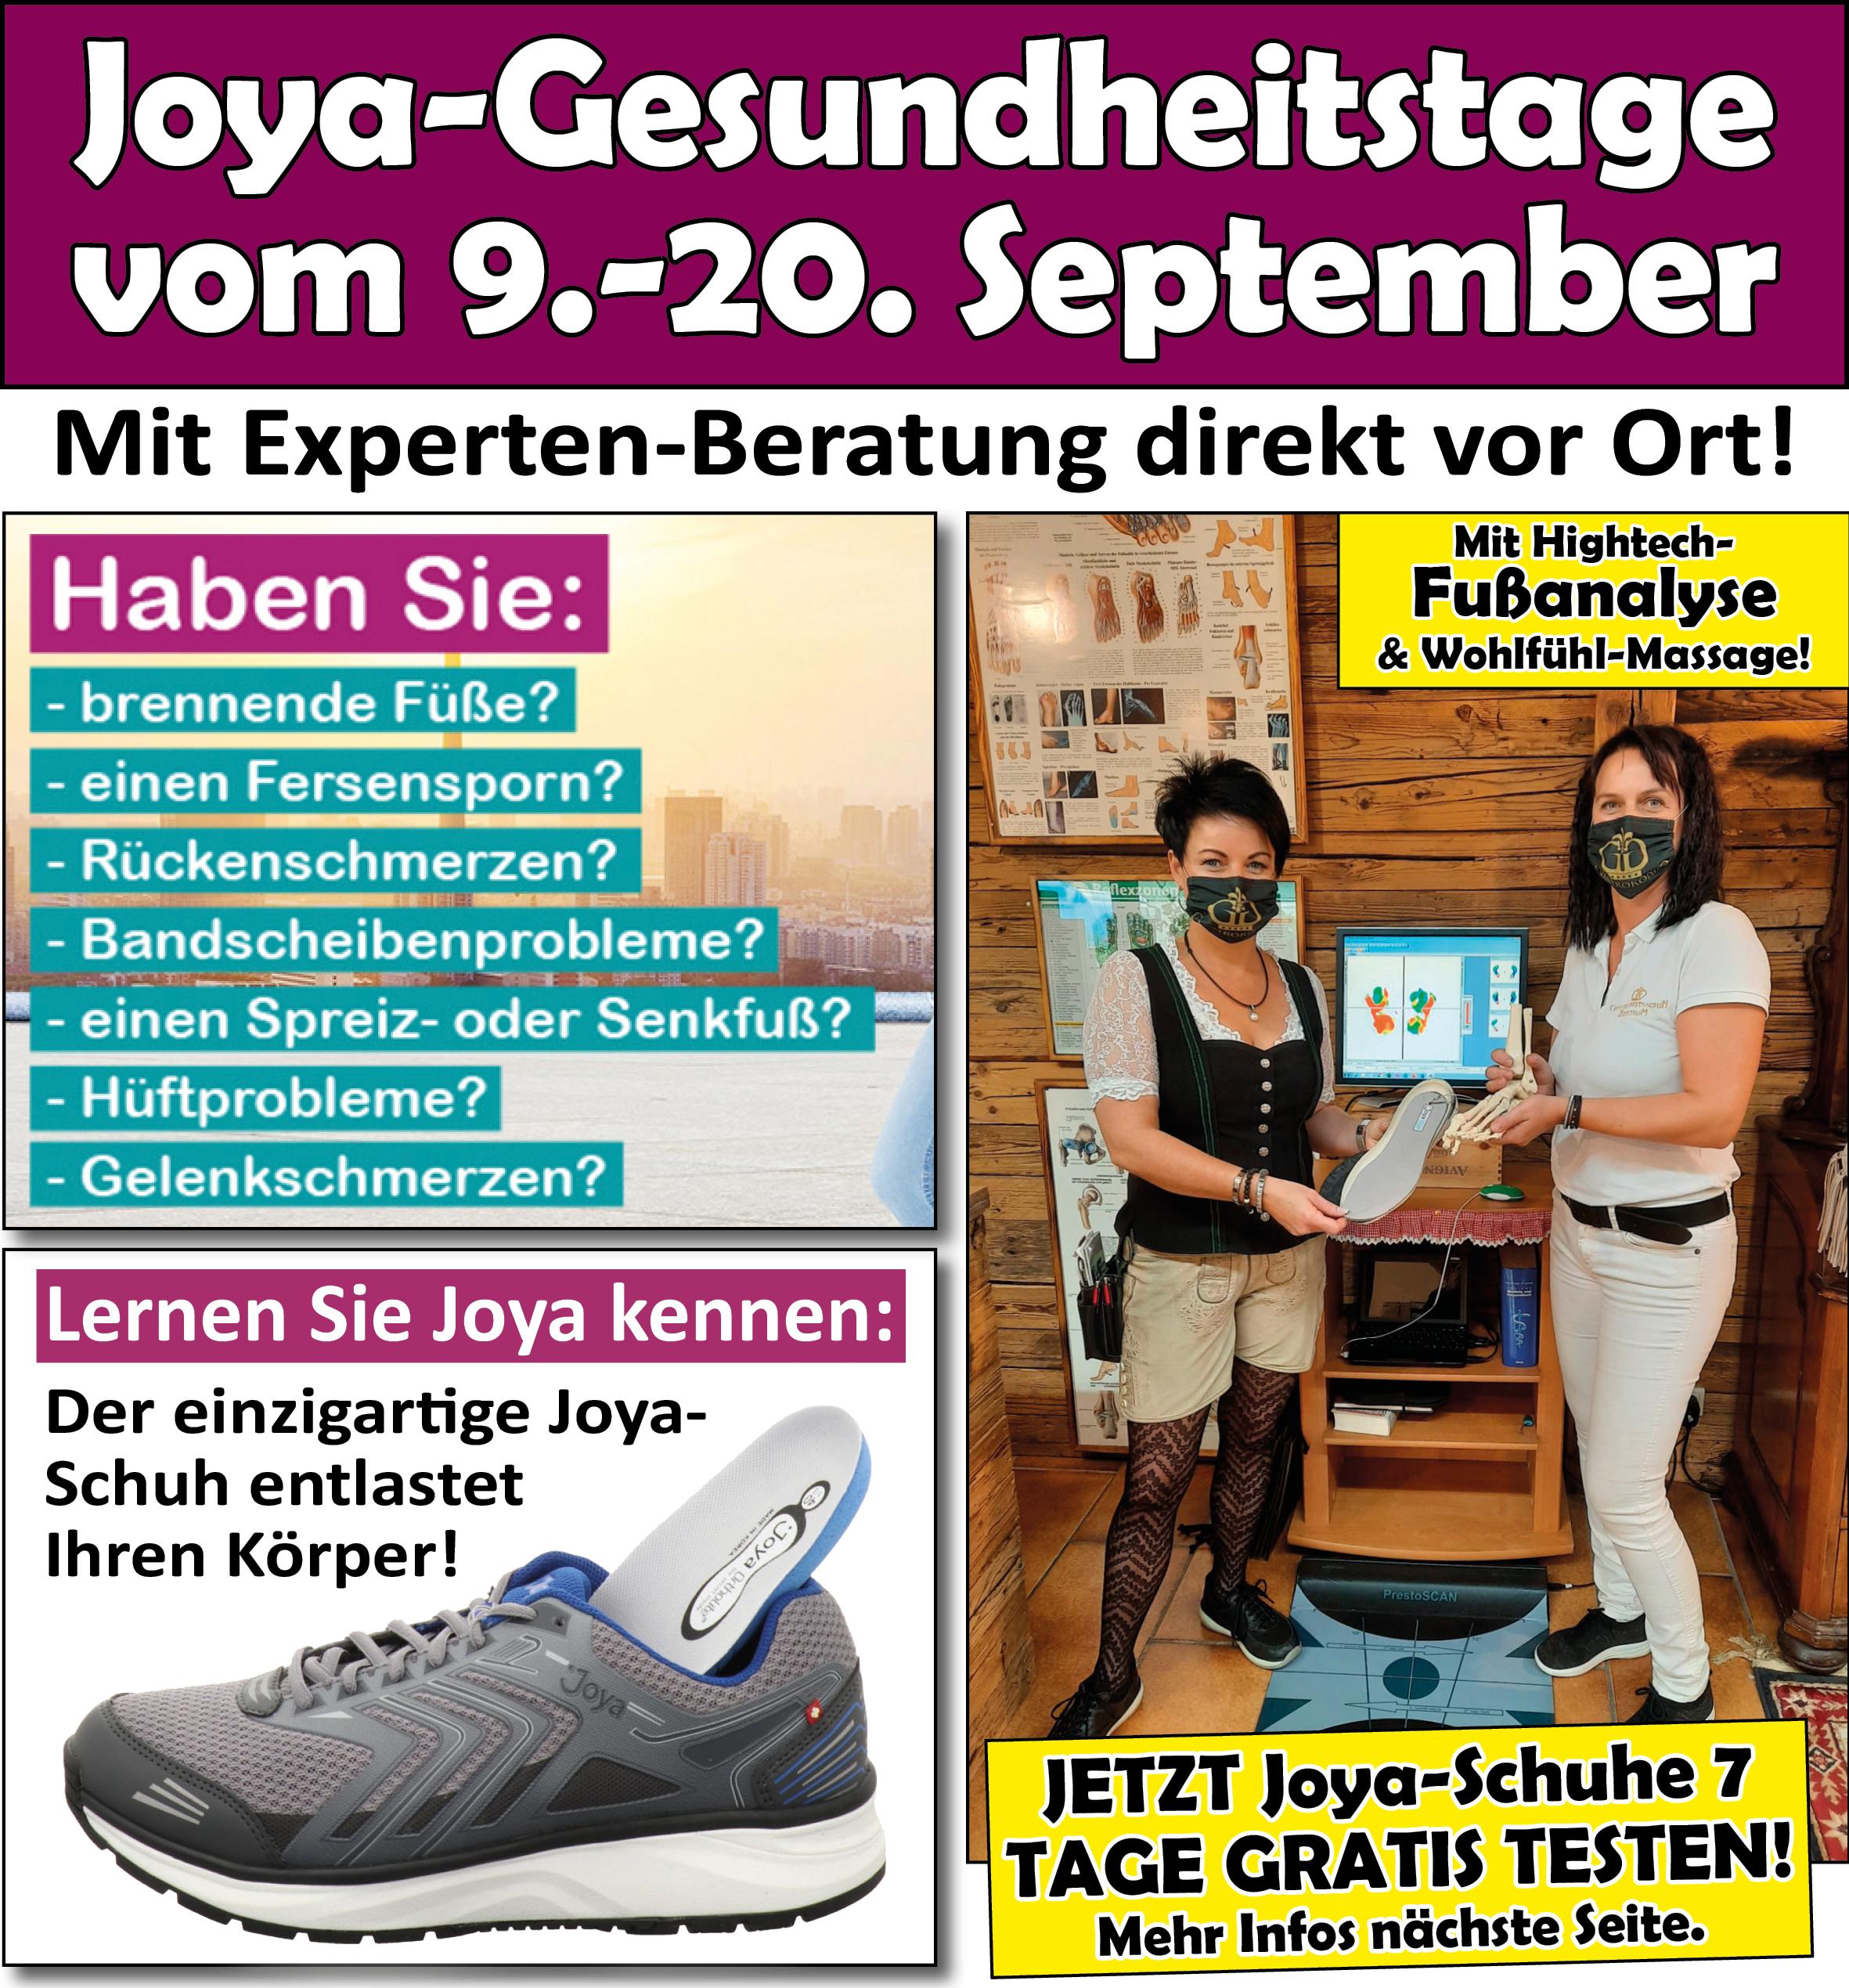 gesundheitstage-banner-details2